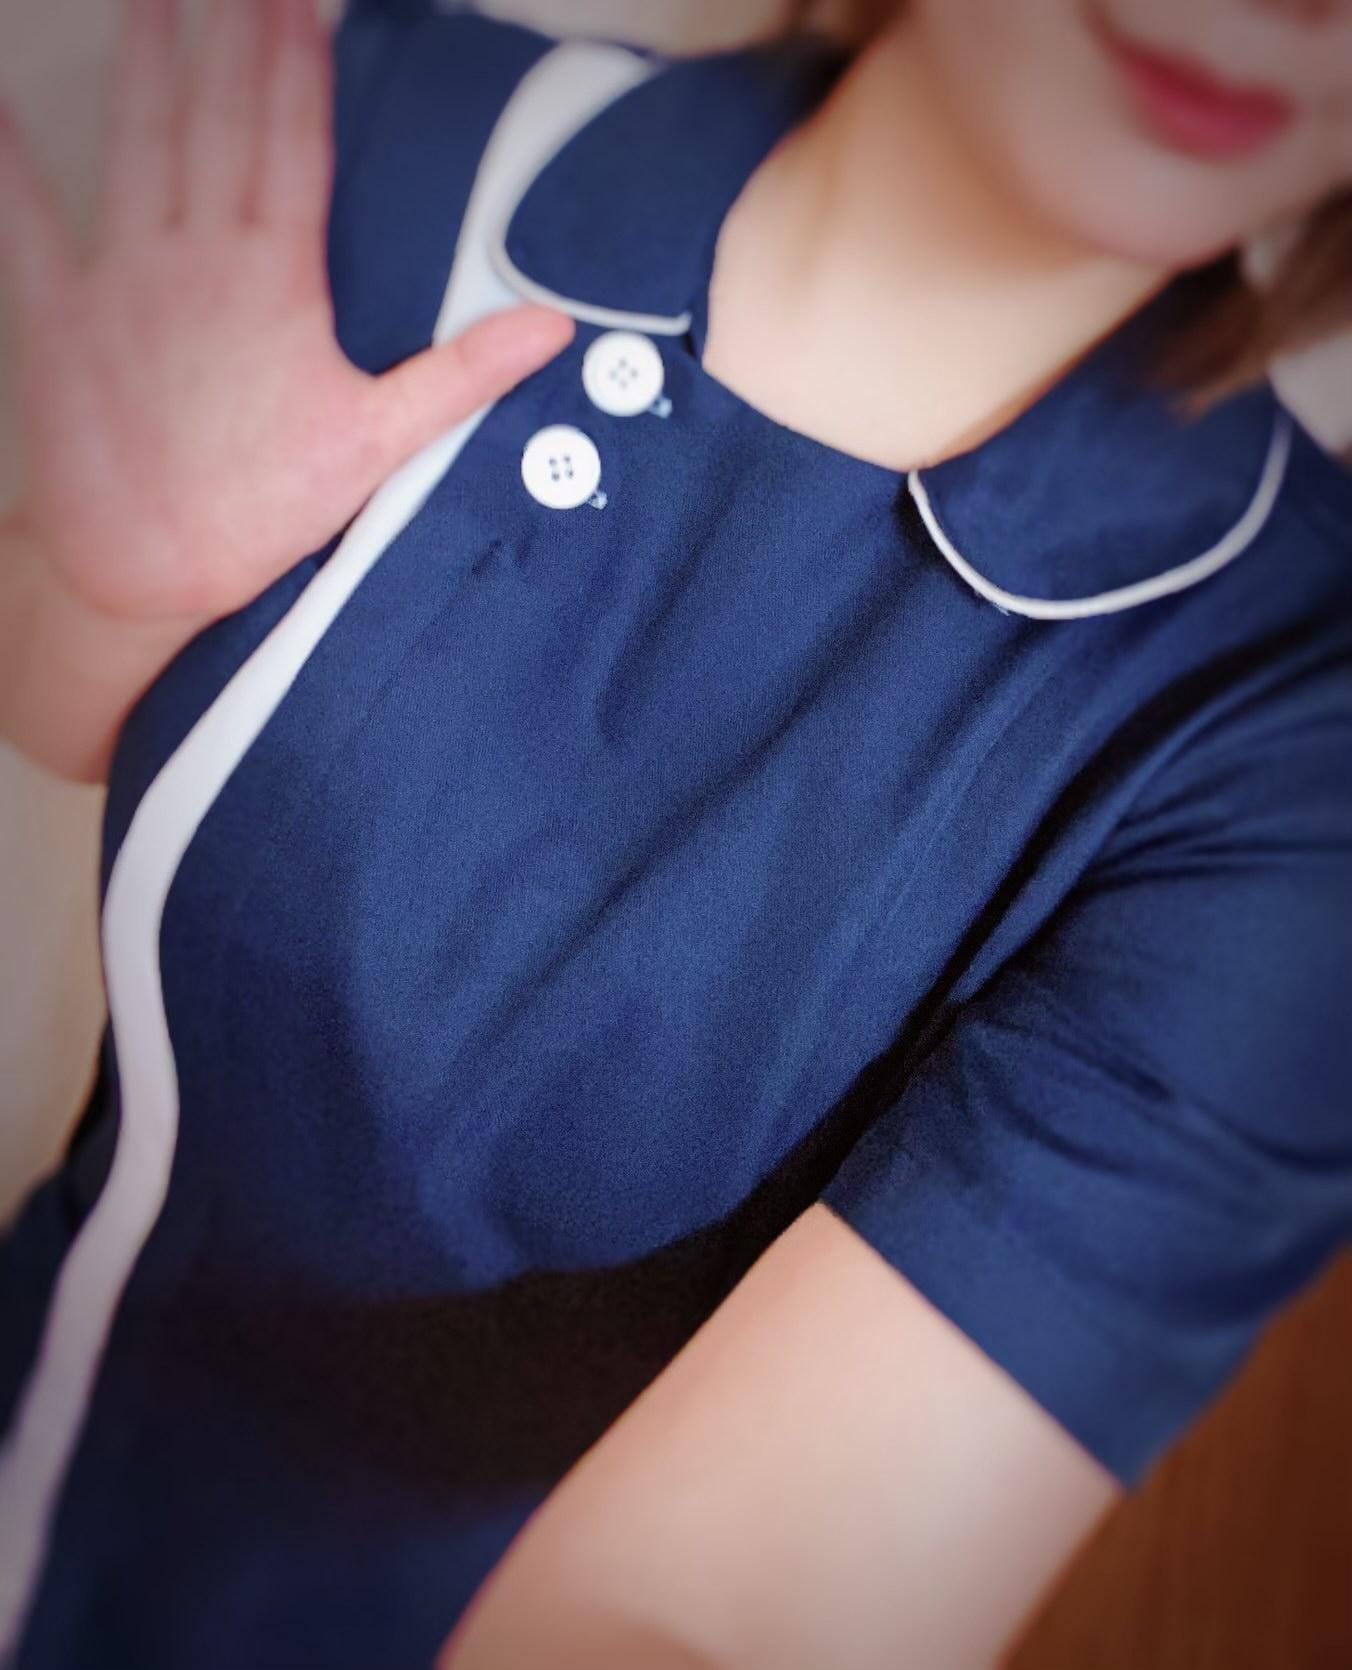 「こんばんわ⭐」03/01(月) 18:42 | 工藤まきの写メ日記